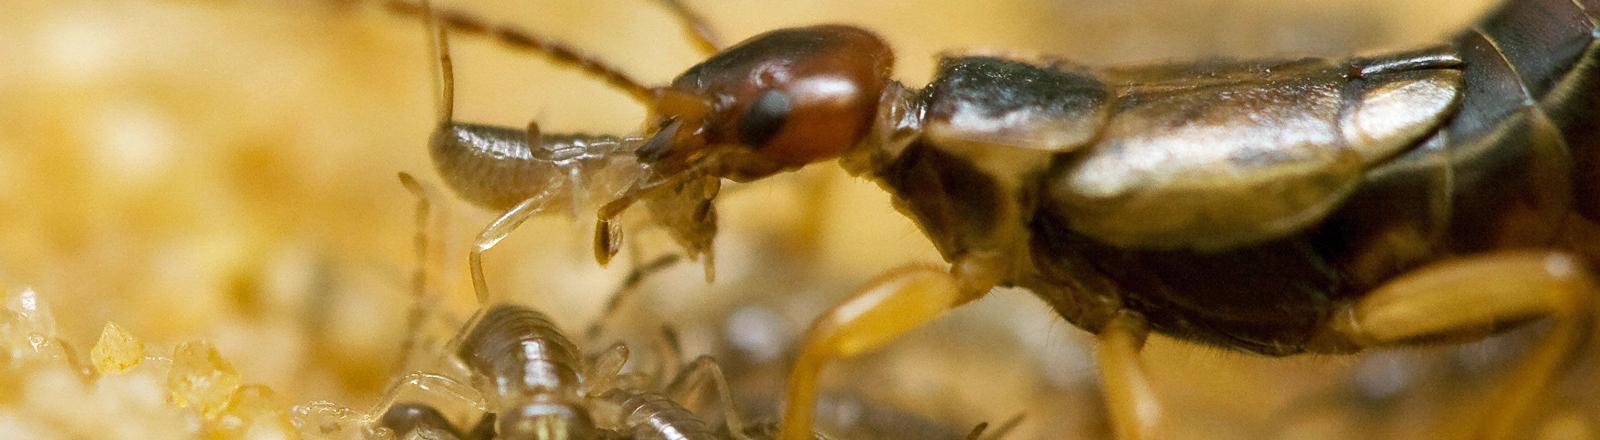 Ein Weibchen des Europäischen Ohrwurms säubert und transportiert ihre Jungen.